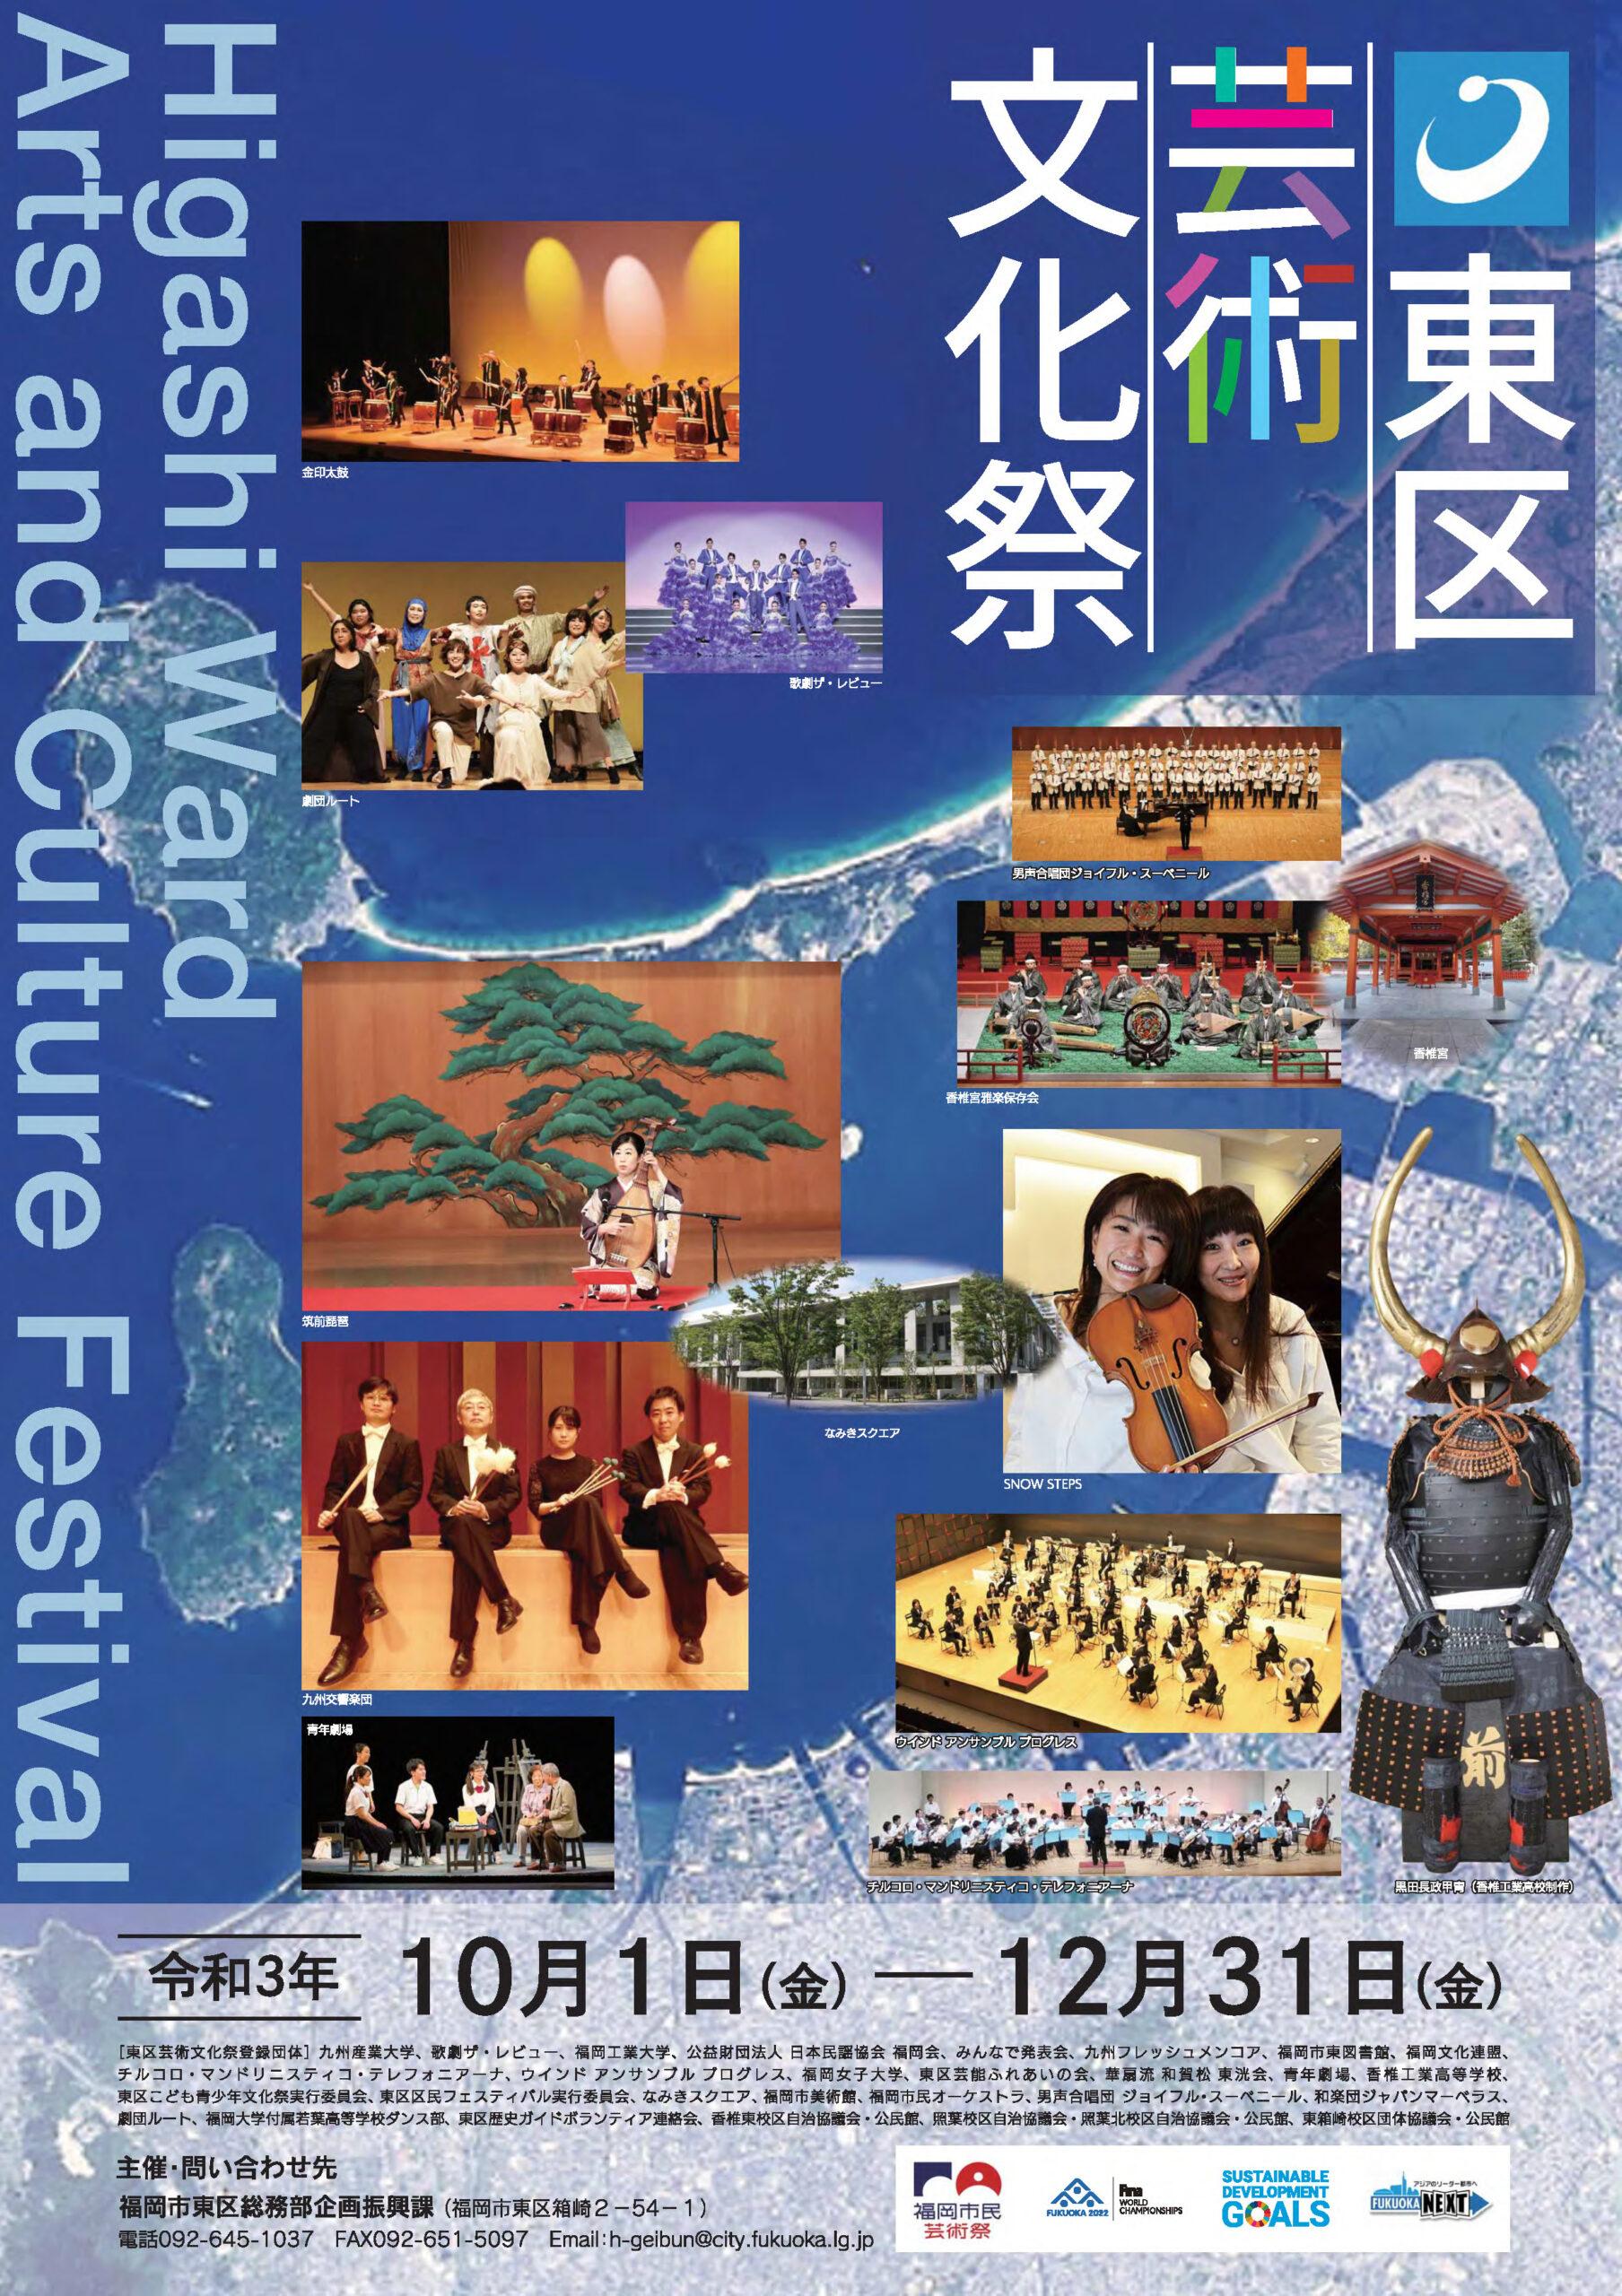 東区芸術文化祭ポスター・リーフレット表紙